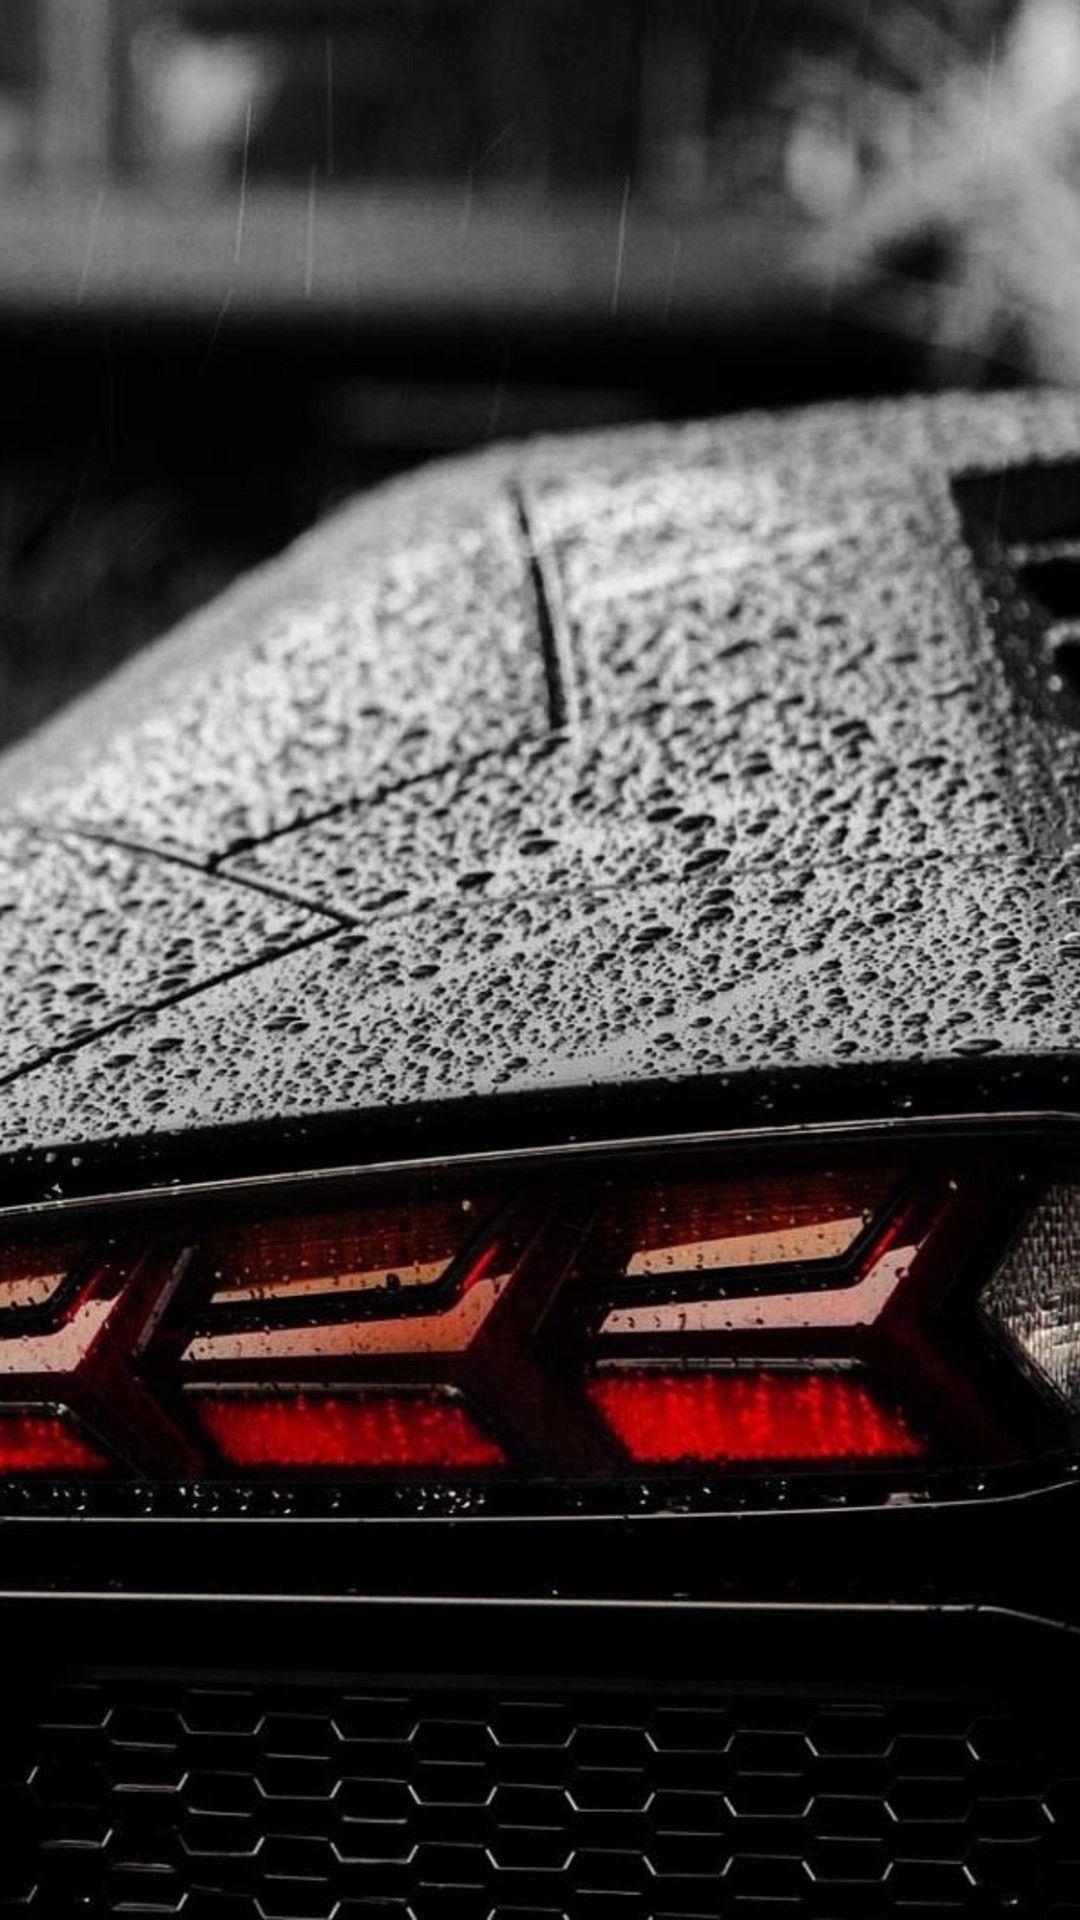 Lamborghini Tail Light Wallpaper 1080x1920 Car Wallpapers Ford Mustang Wallpaper Mustang Wallpaper